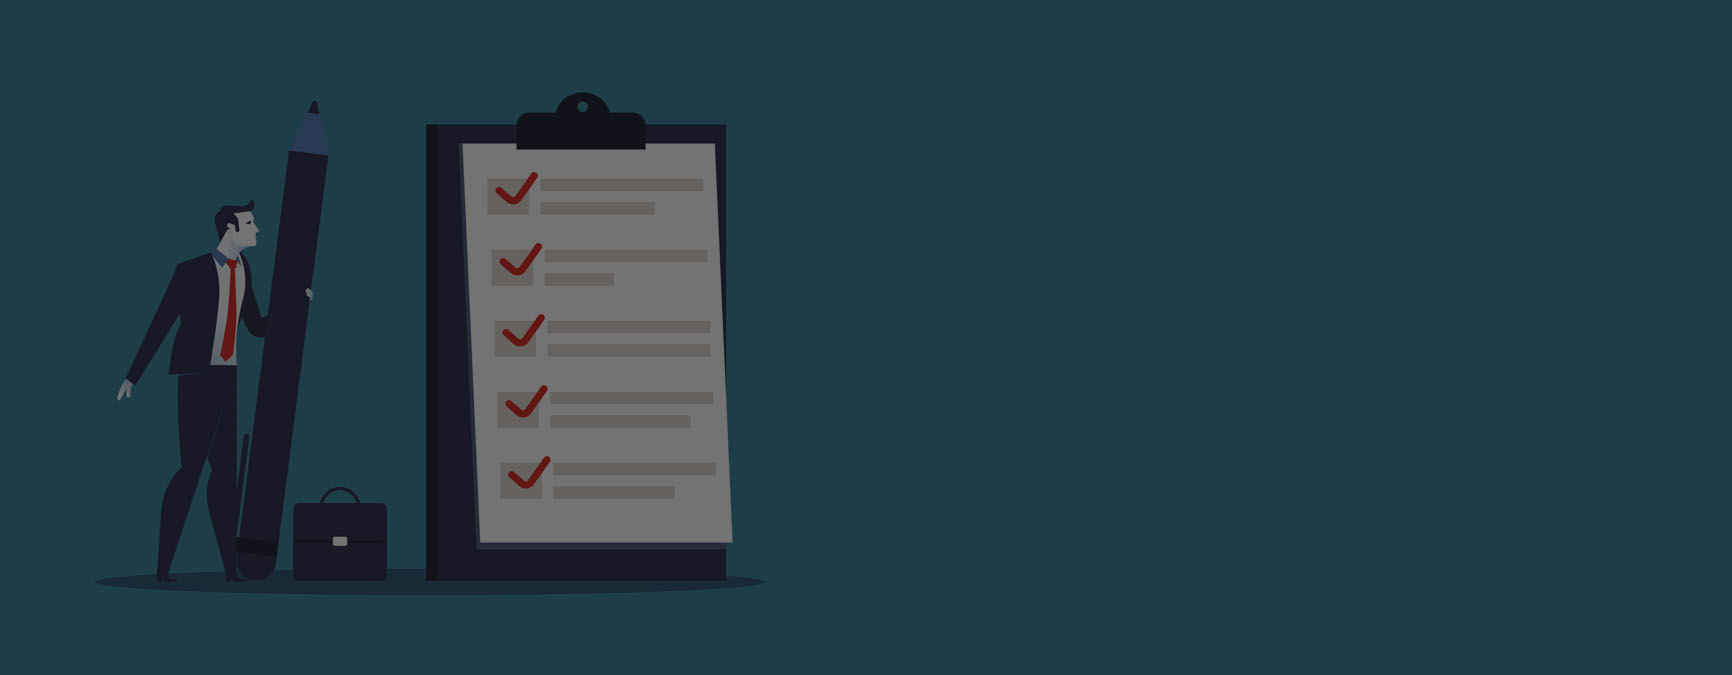 چک لیستی از مهم ترین ویژگی های شخصیتی، مهارت های نرم و فعالیت های یک طراح تجربه کاربری